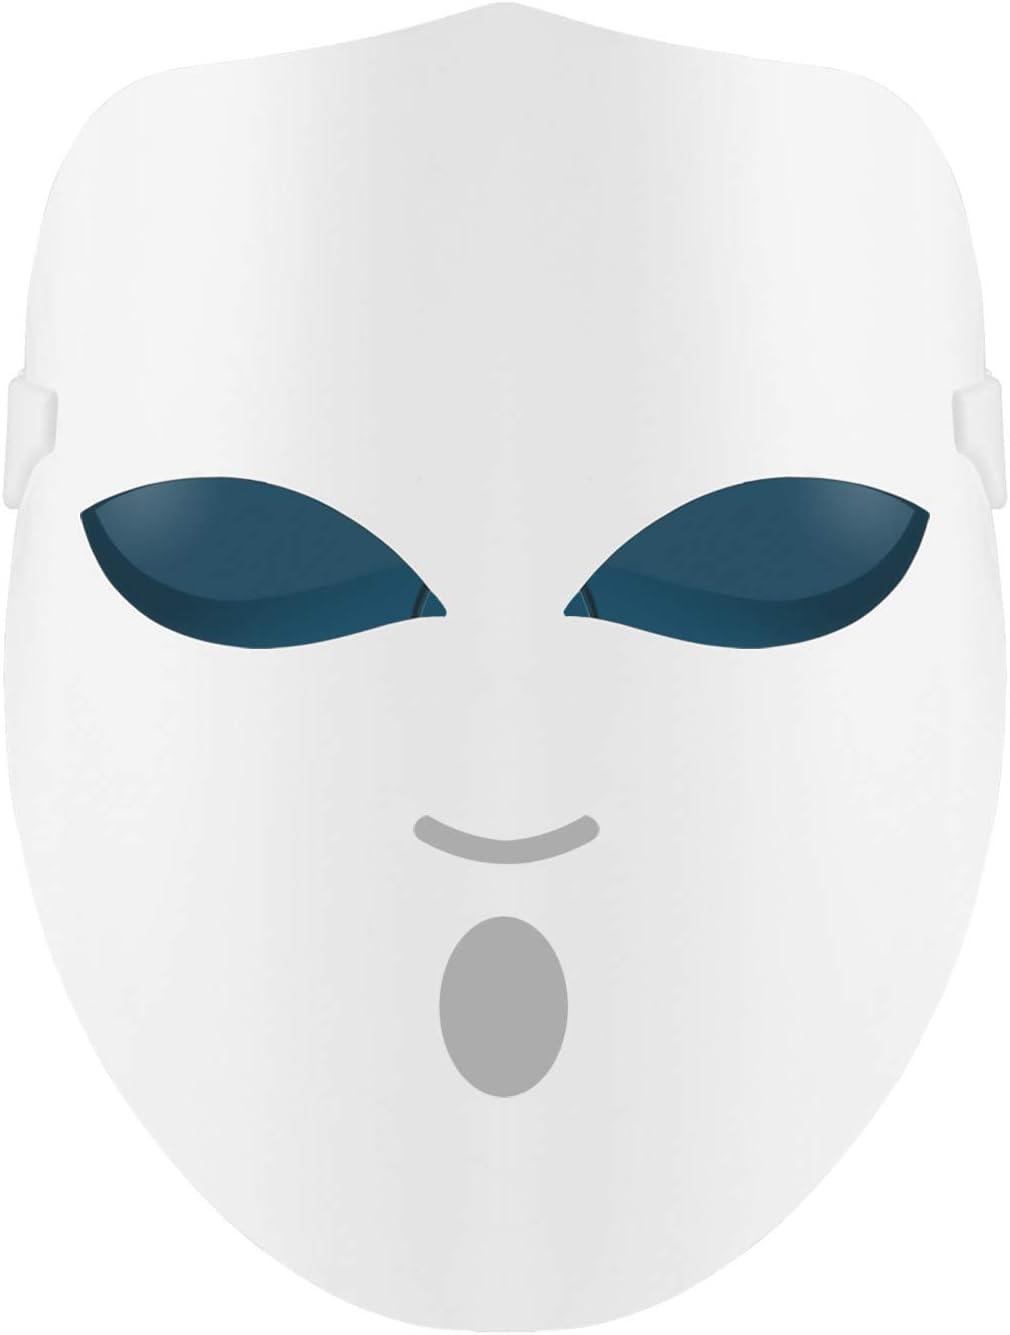 REAKOO light therapy mask Mascarilla LED mascarilla facial Mascarilla de terapia de luz Tratamientos para el acné Activar colágeno Mascarilla blanqueadora LED Tratamiento de la piel para el rostro